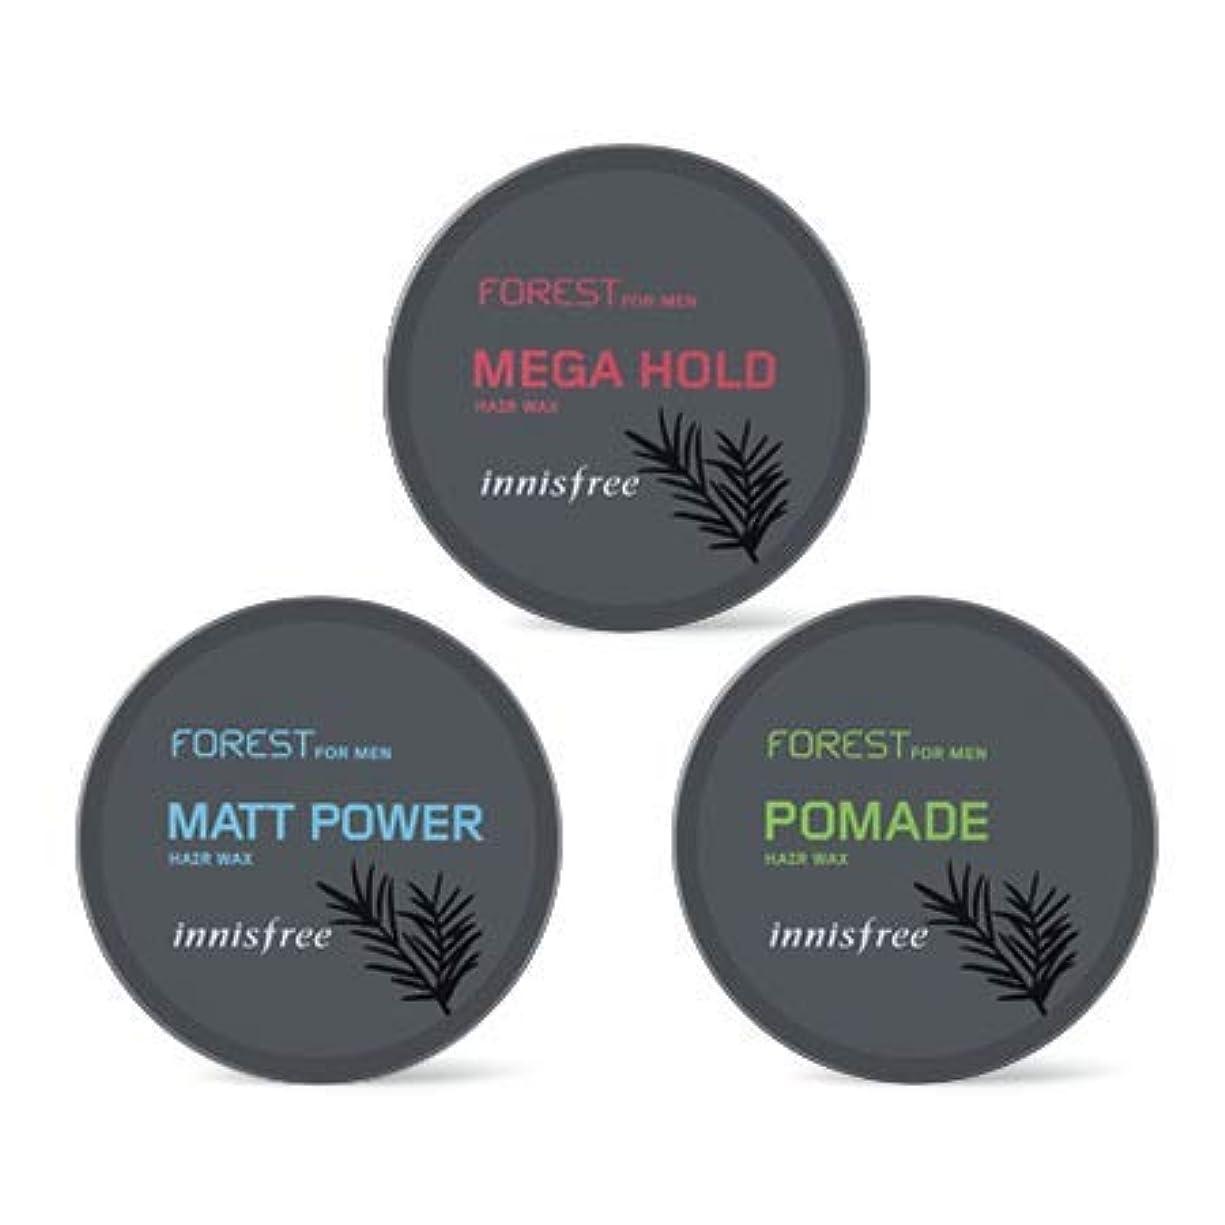 地理望遠鏡クレア[イニスフリー.INNISFREE](公式)フォレストフォアマンヘアワックス(3種)/ Forest For Men Hair Wax(60G、3 kind) (# mega hold)